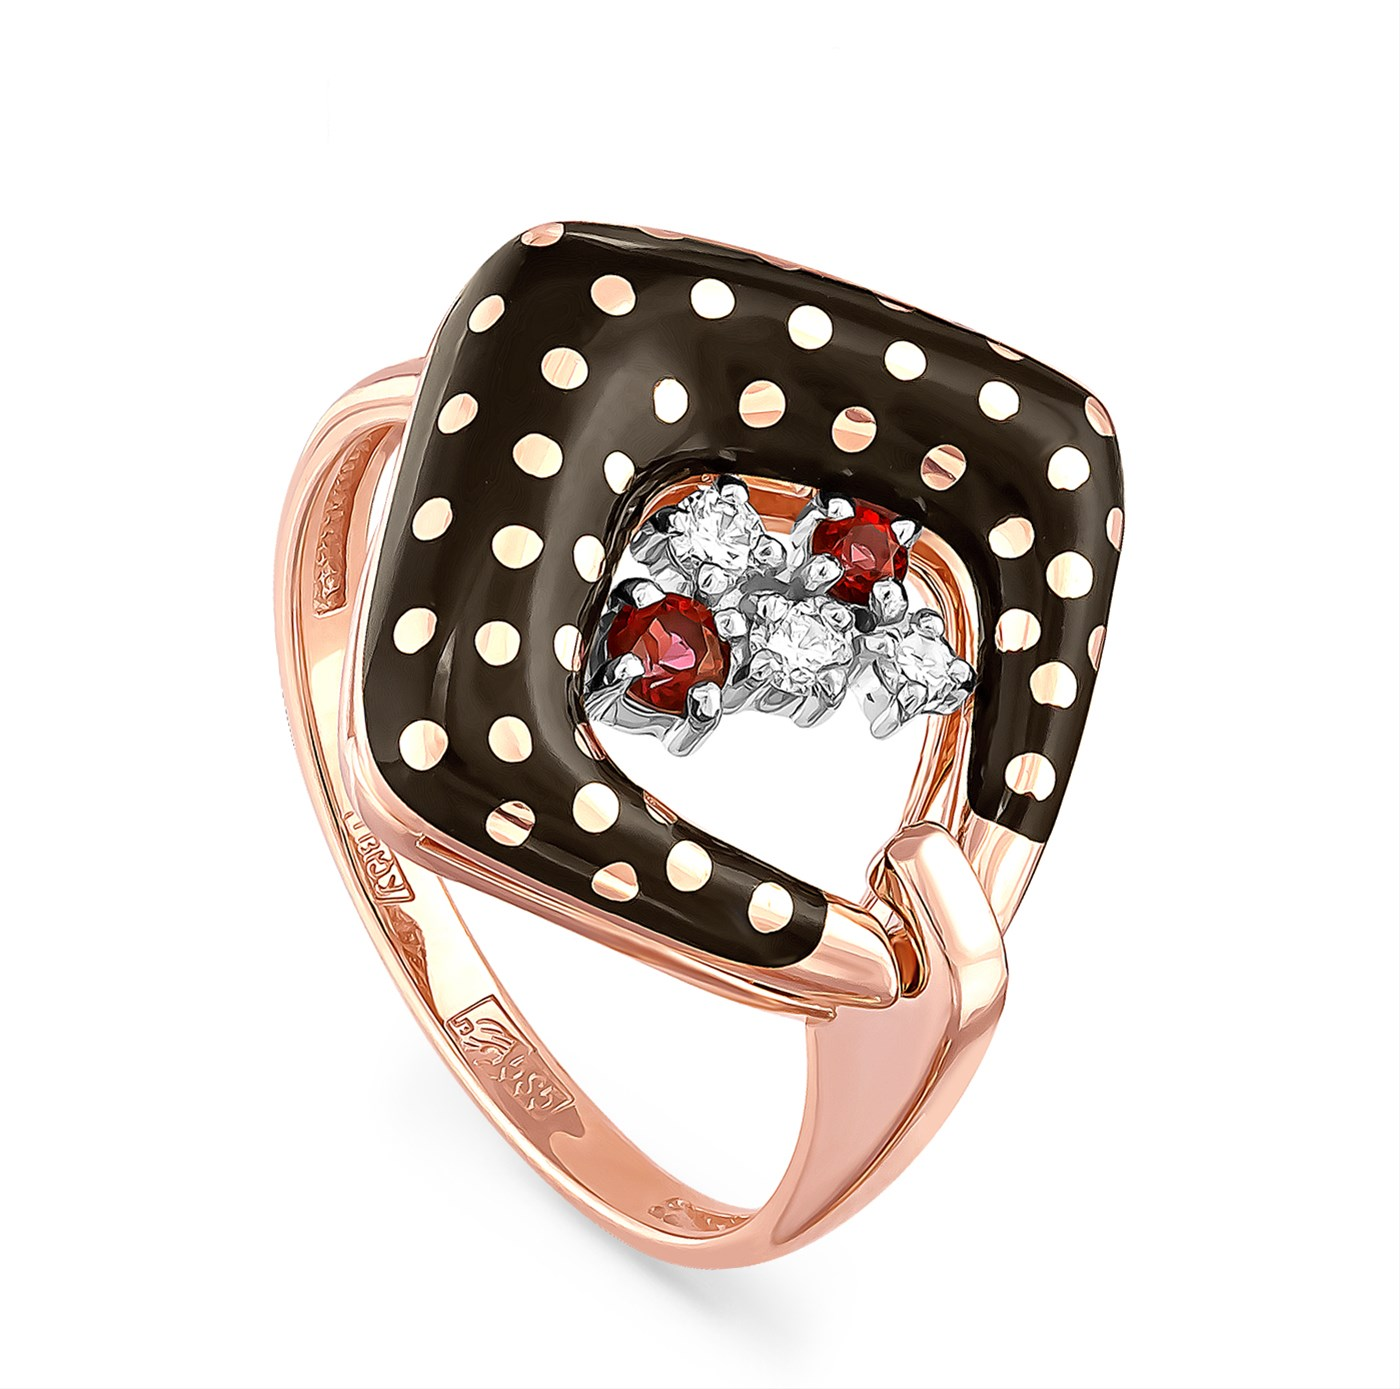 Золотое кольцо Бриллиант и Топаз арт. 11-0979-2502 11-0979-2502